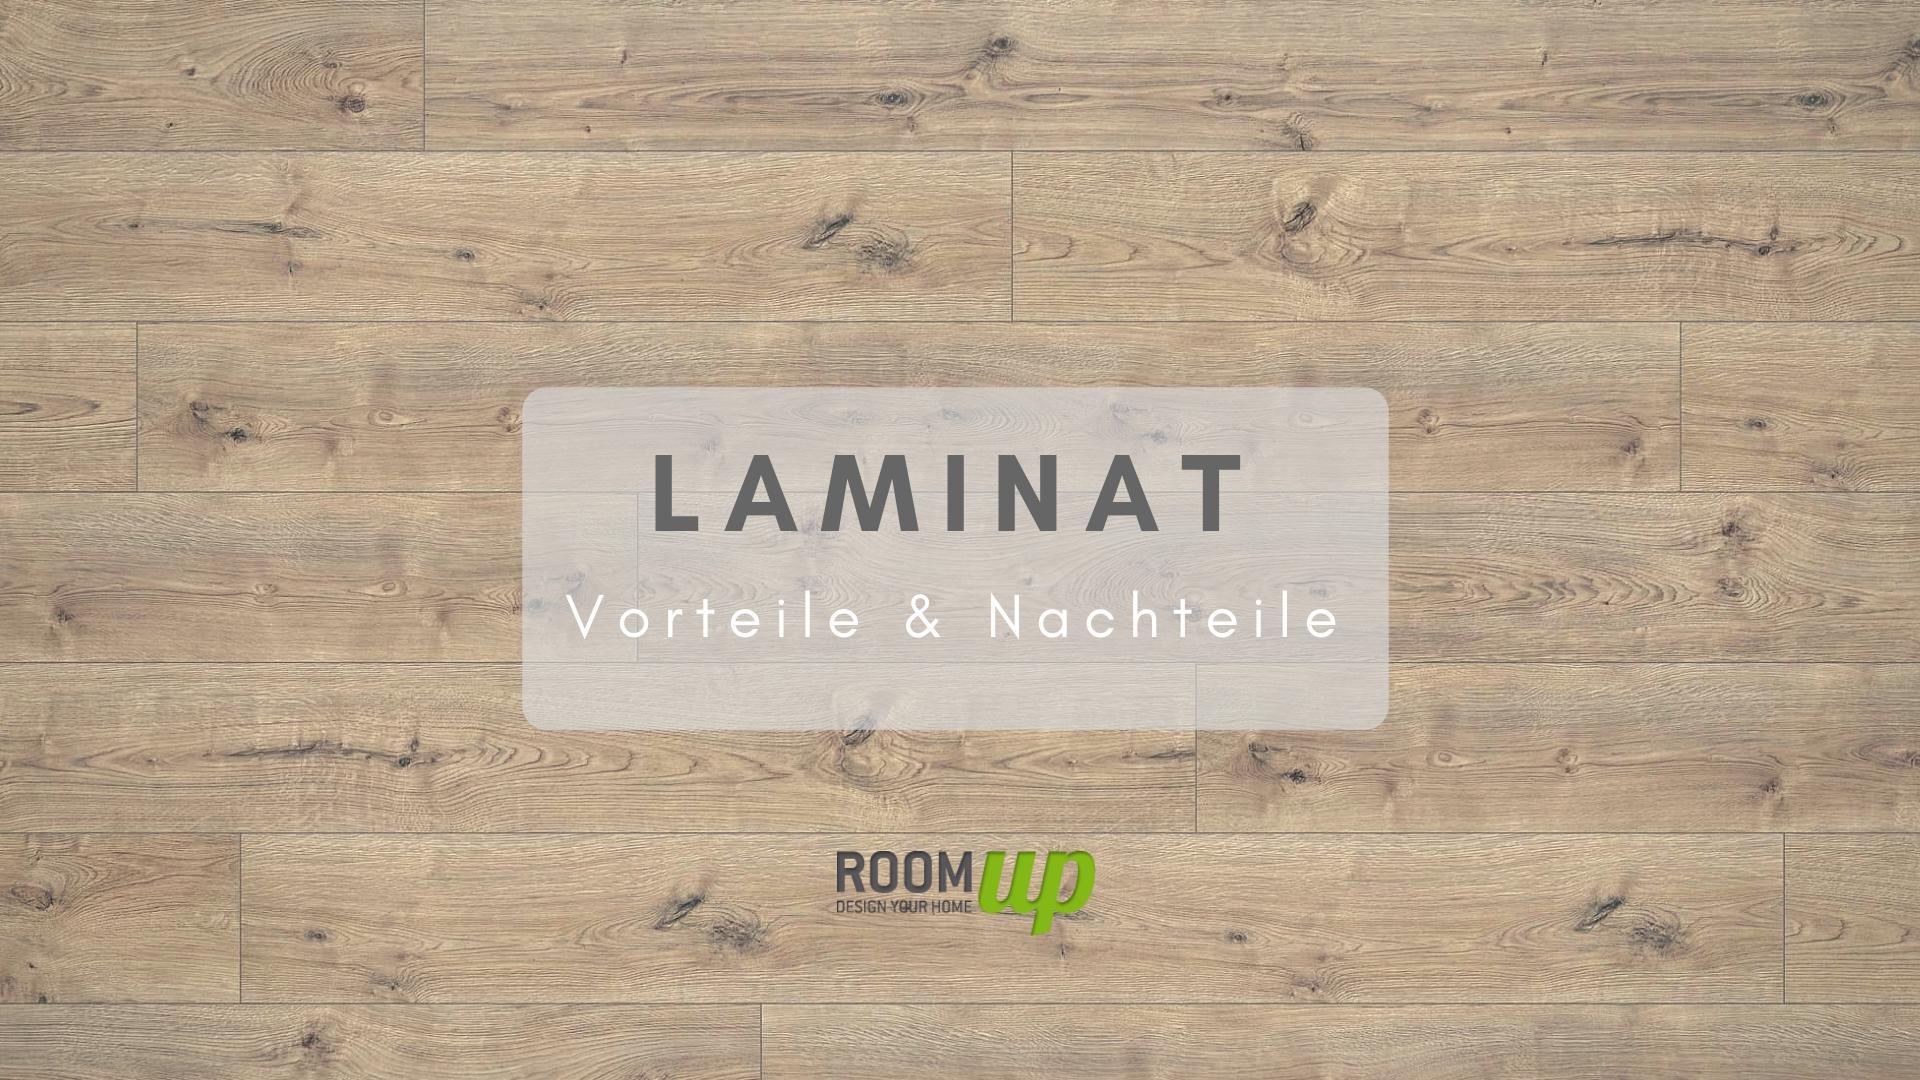 Fantastisch Laminat U2013 Vorteile U0026 Nachteile   Magazin Für Bodenbeläge